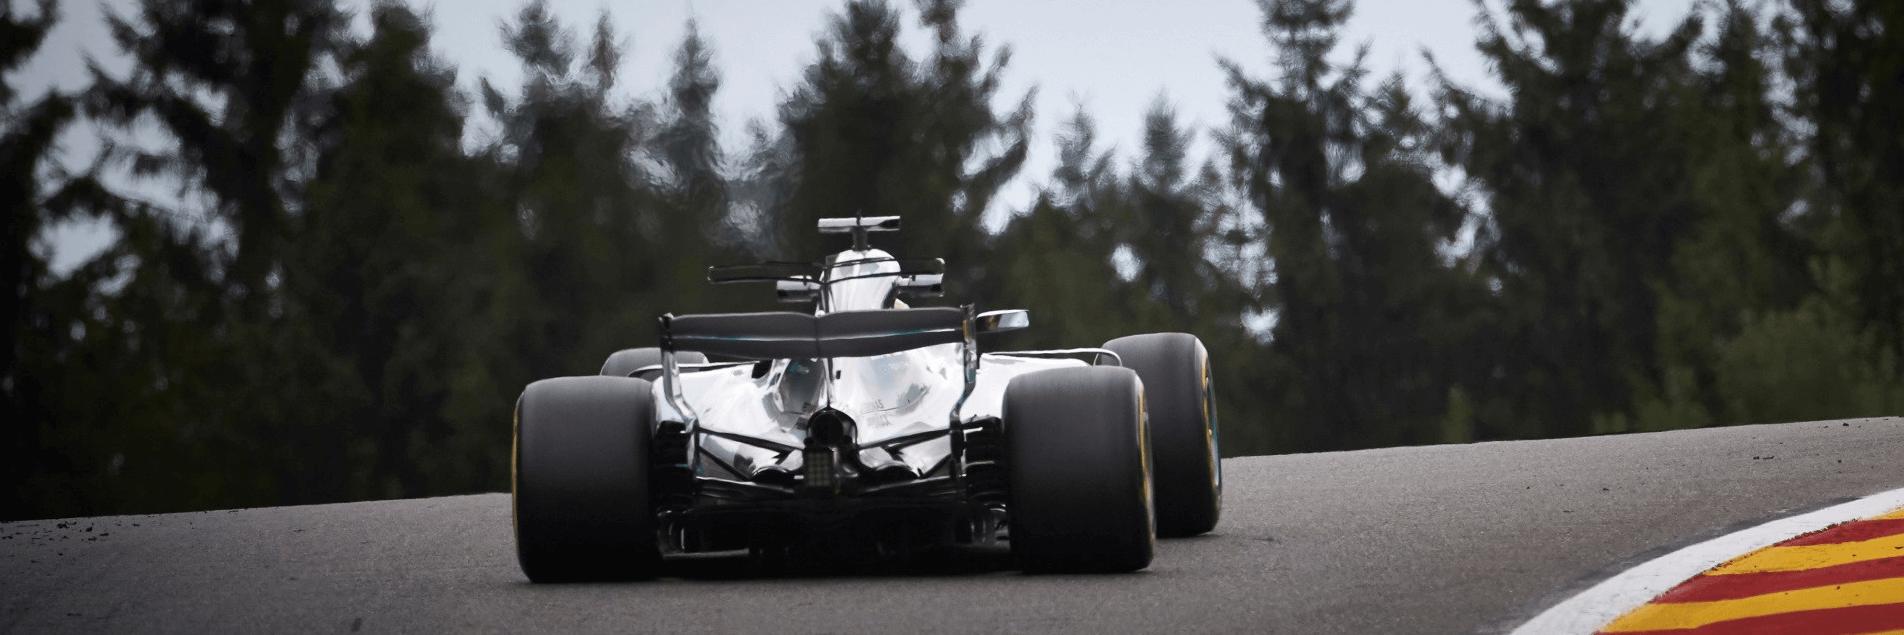 DB Schenker Formel 1 Auftritt für 2017 auf der Zielgeraden